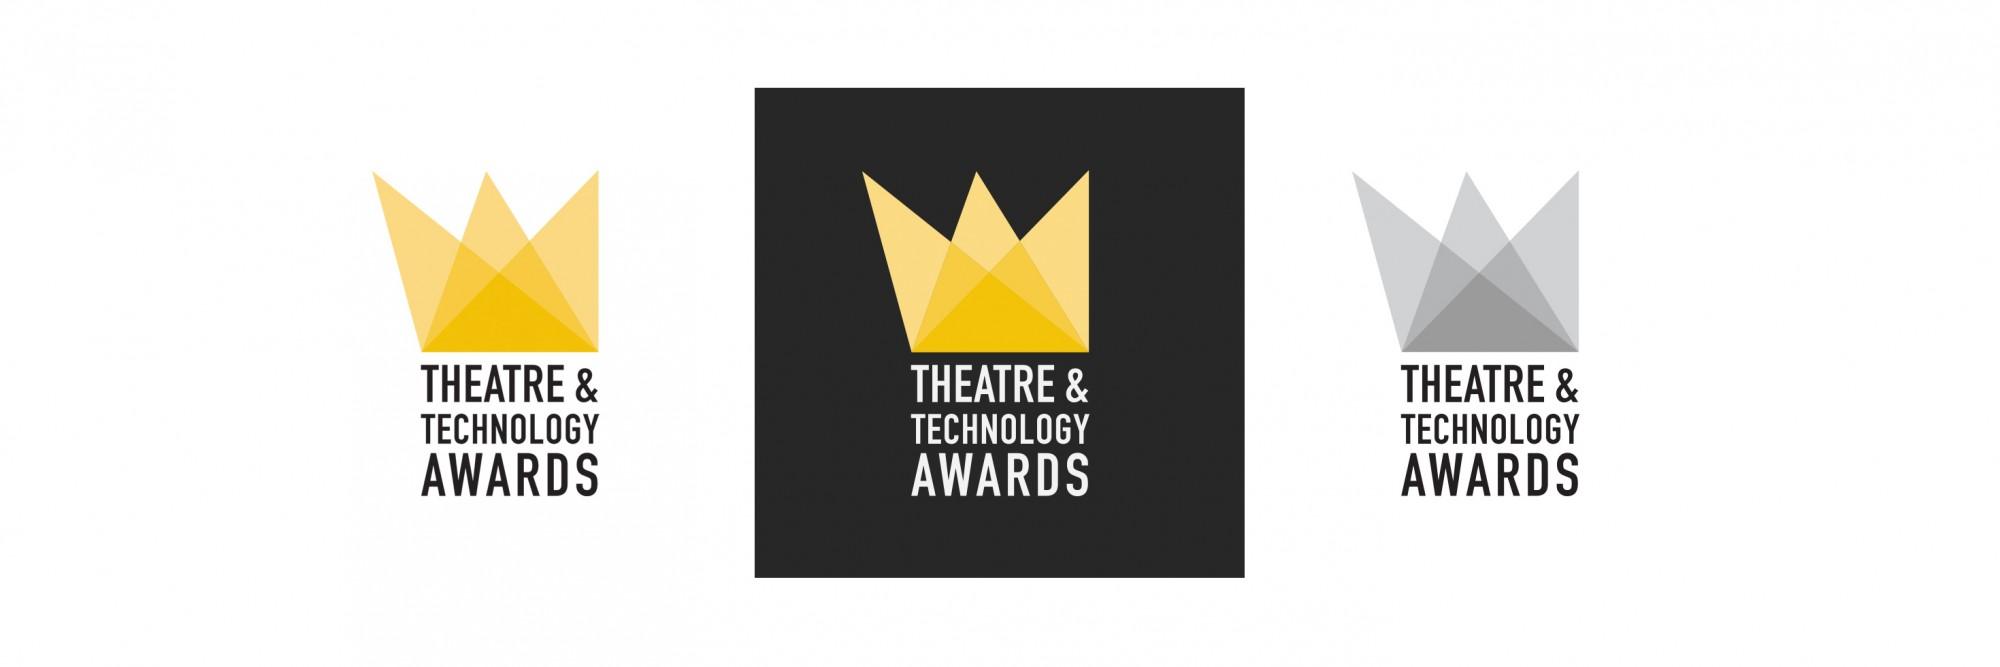 theatre&tech_logos